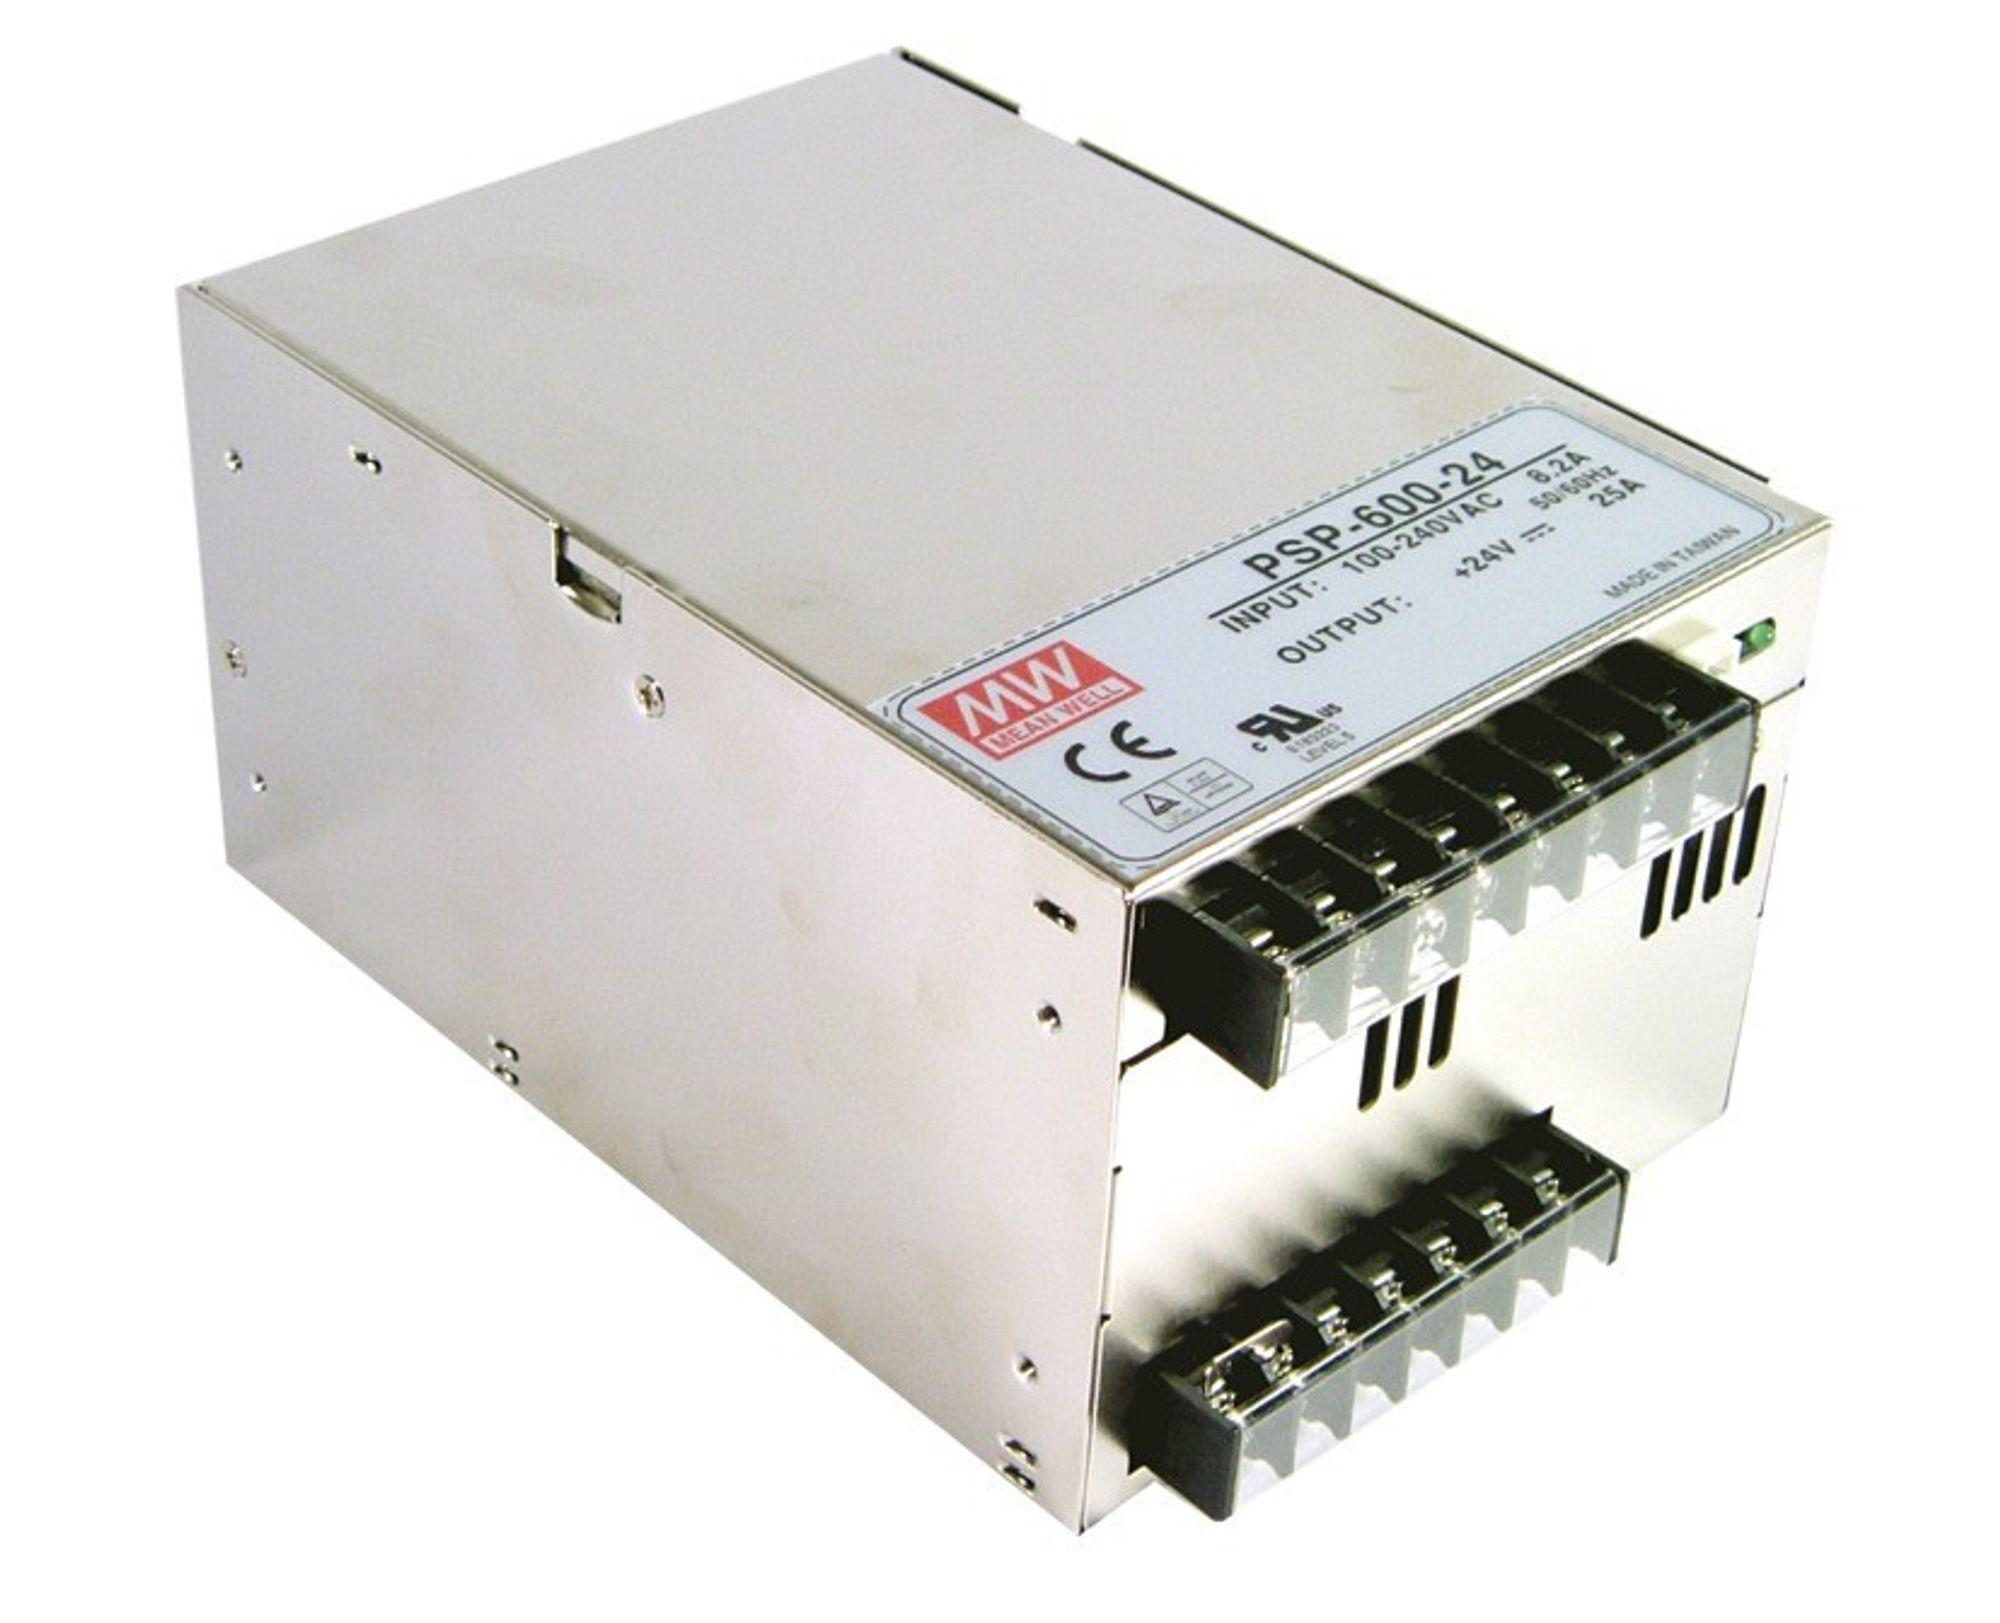 PARALLELL: SP-serien strømforsyninger fra Mean Well utvides. Nå introduseres PSP-serien som også kan parallellkobles.